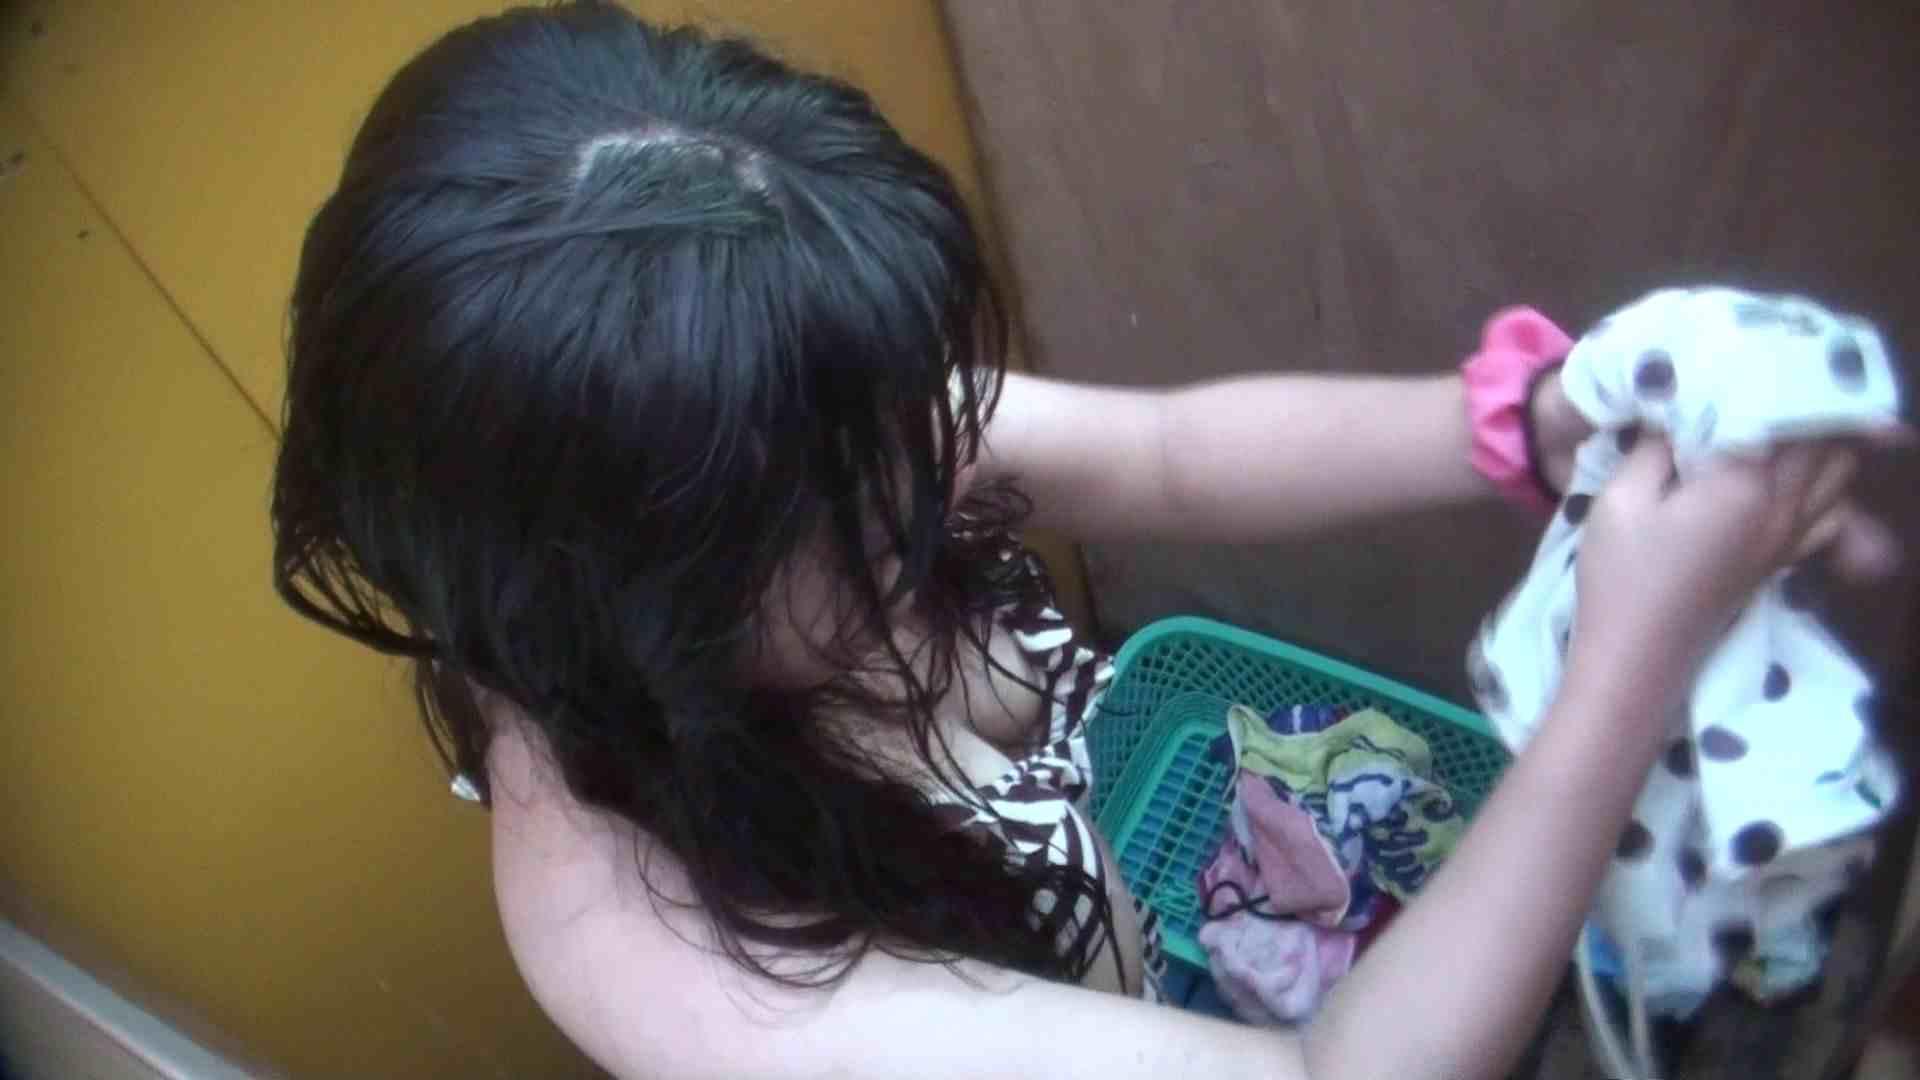 シャワールームは超!!危険な香りVol.13 ムッチムチのいやらしい身体つき シャワー  111pic 6